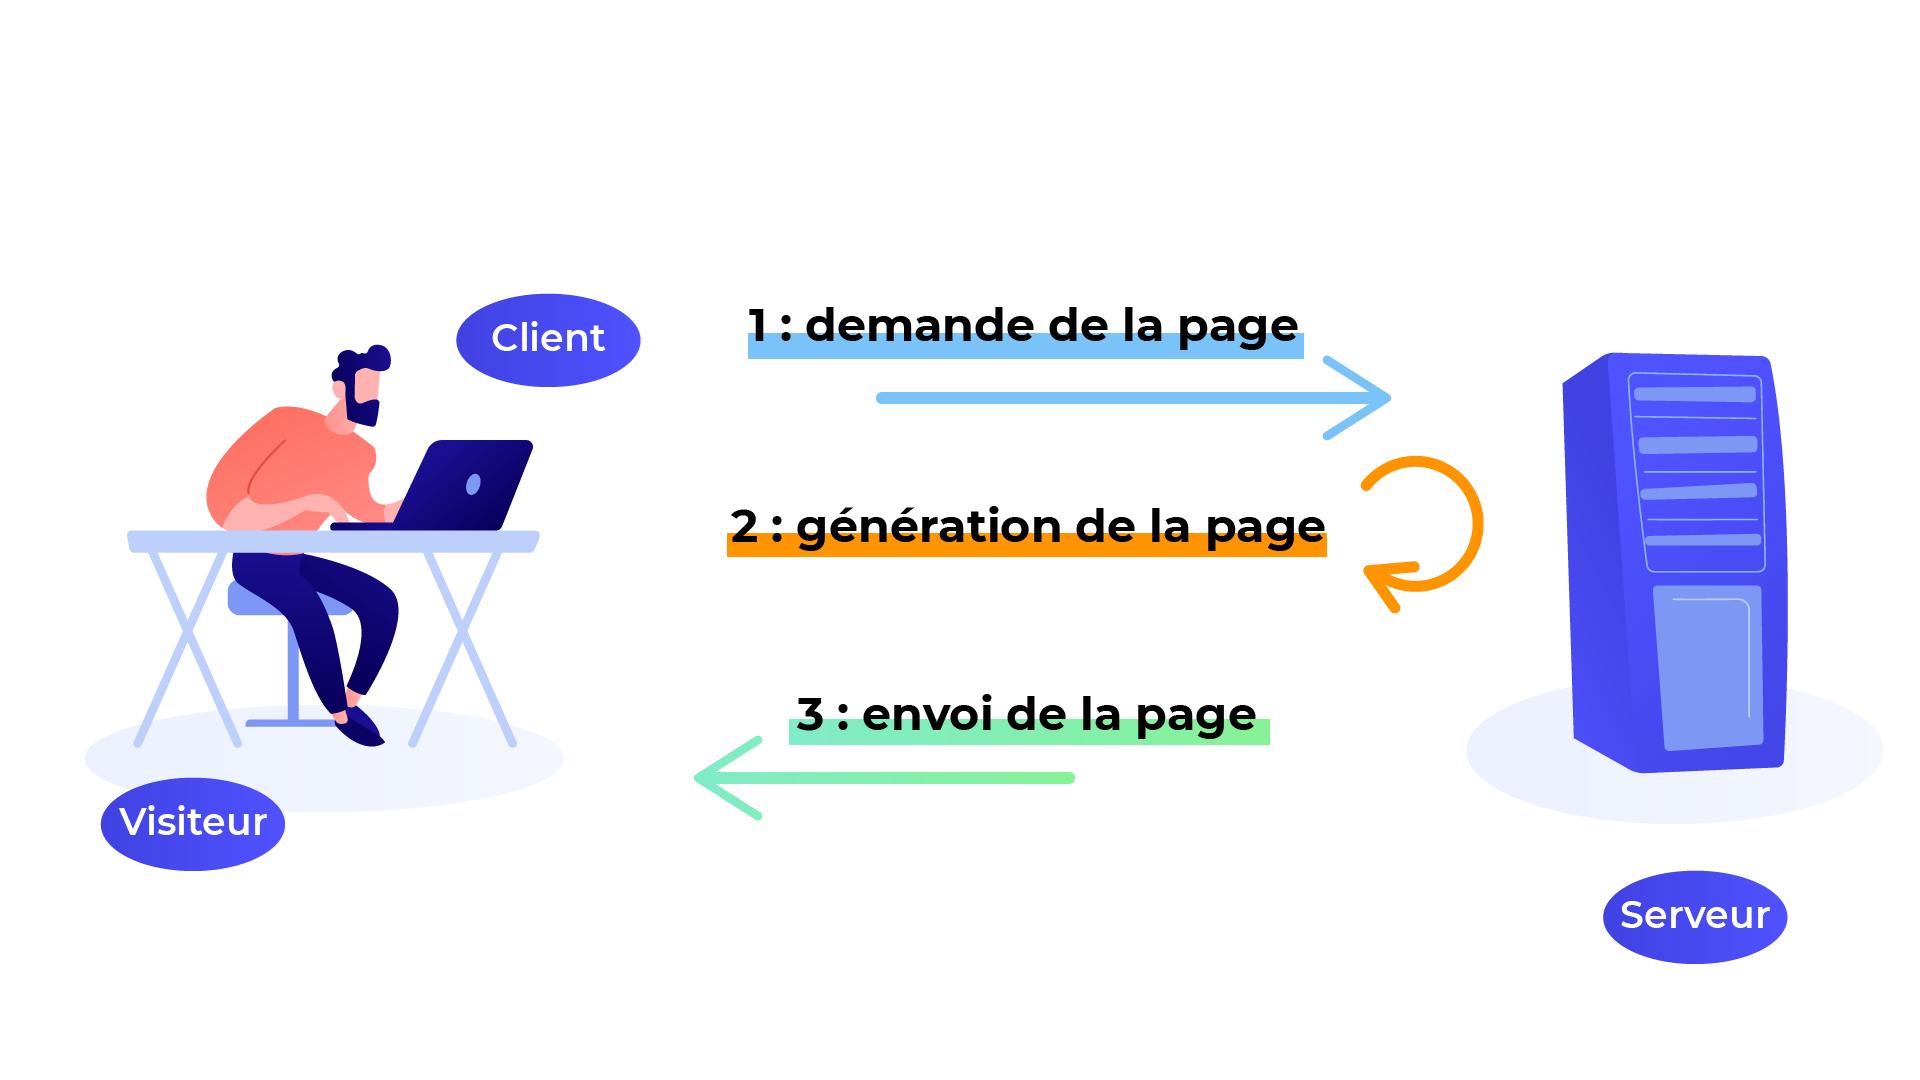 Le client demande la page au serveur. Le serveur génère la page puis l'envoie au client.